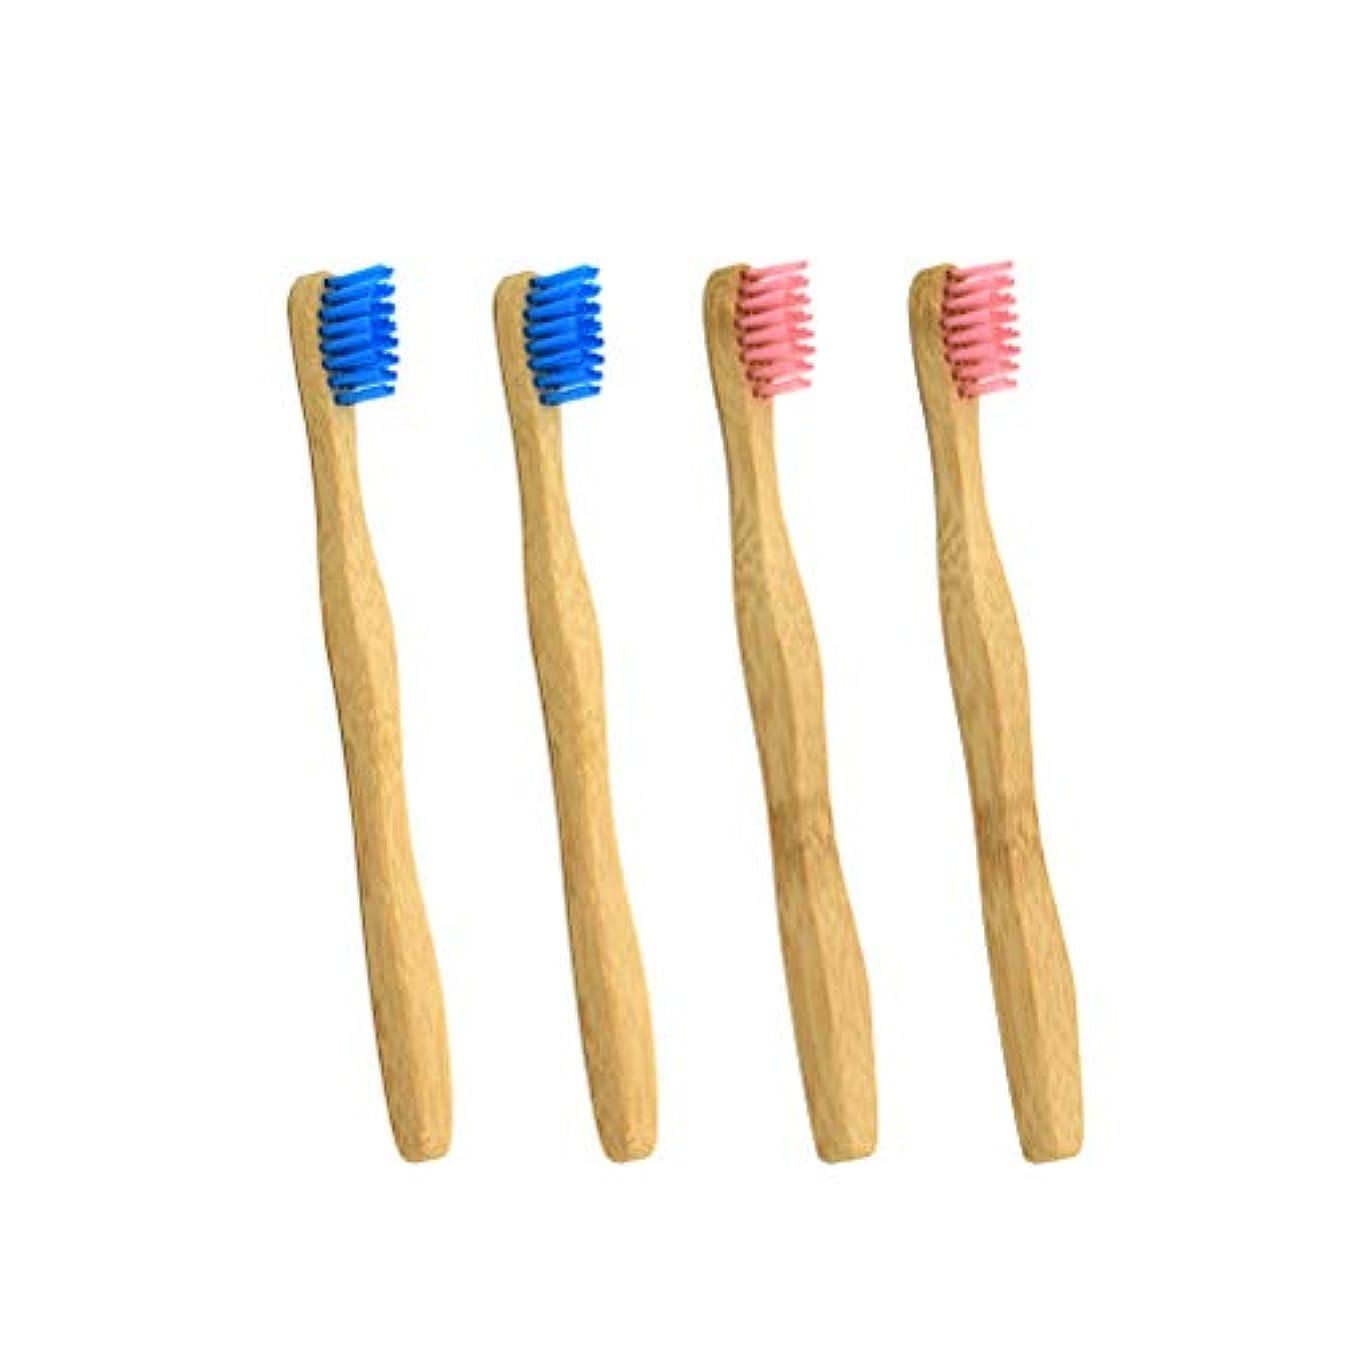 型静脈センサーHEALIFTY 子供の竹の歯ブラシ環境に優しい抗菌性の子供の歯ブラシ4本